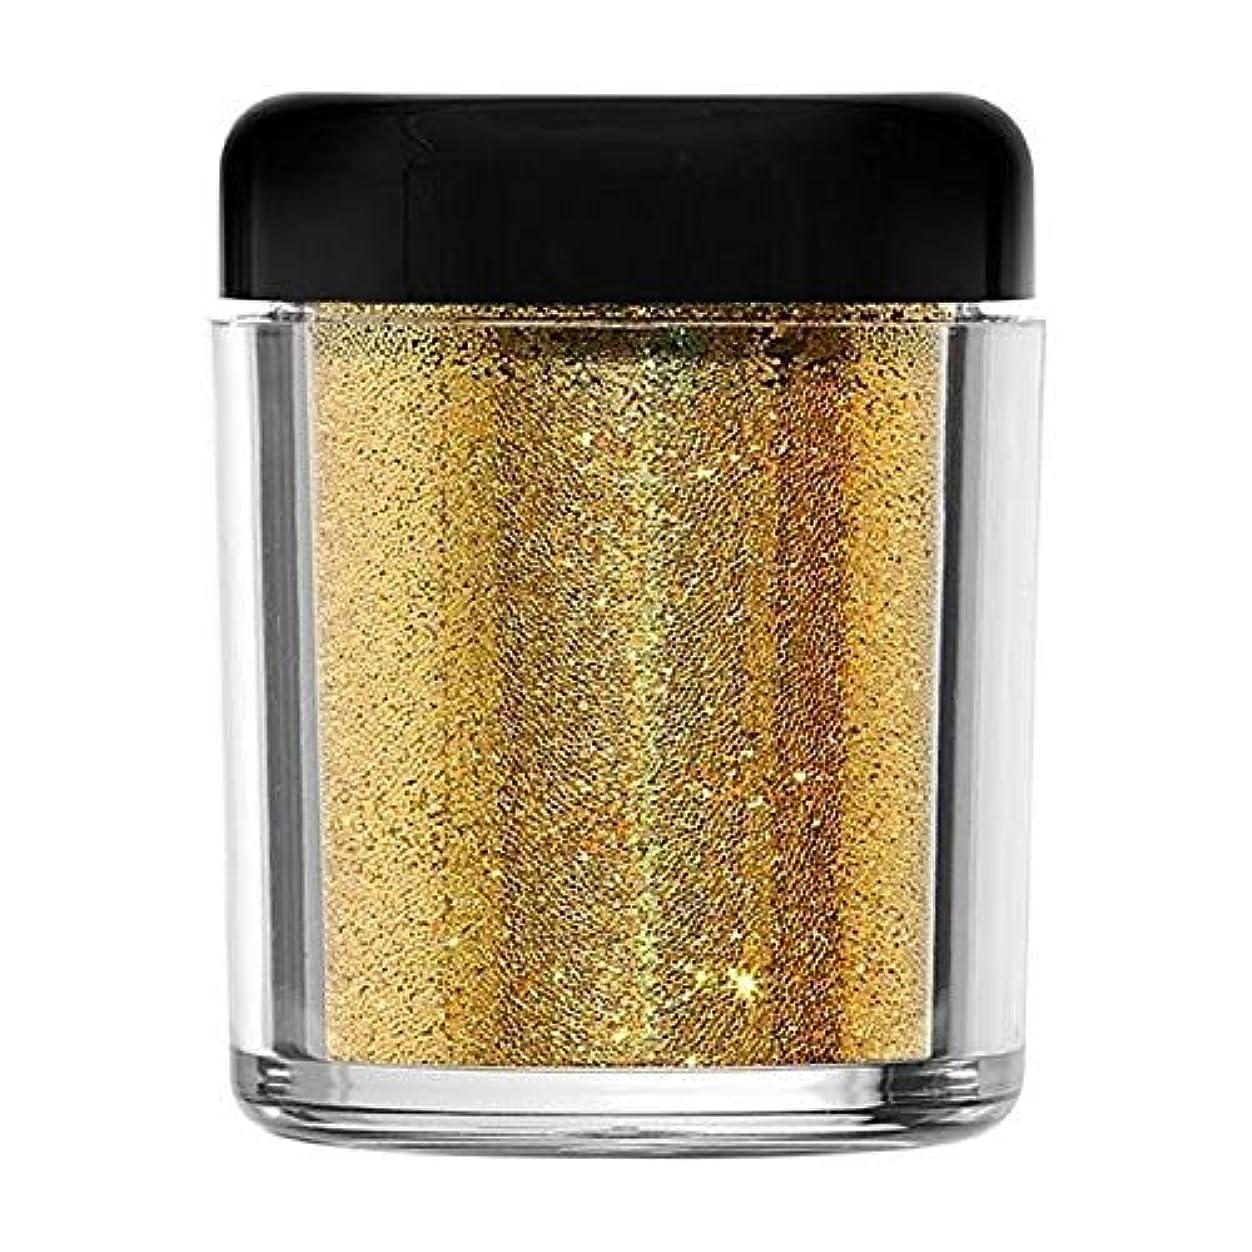 雇用端アッティカス[Barry M ] バリーメートルのグリッターラッシュボディの輝き - 火の玉 - Barry M Glitter Rush Body Glitter - Fireball [並行輸入品]